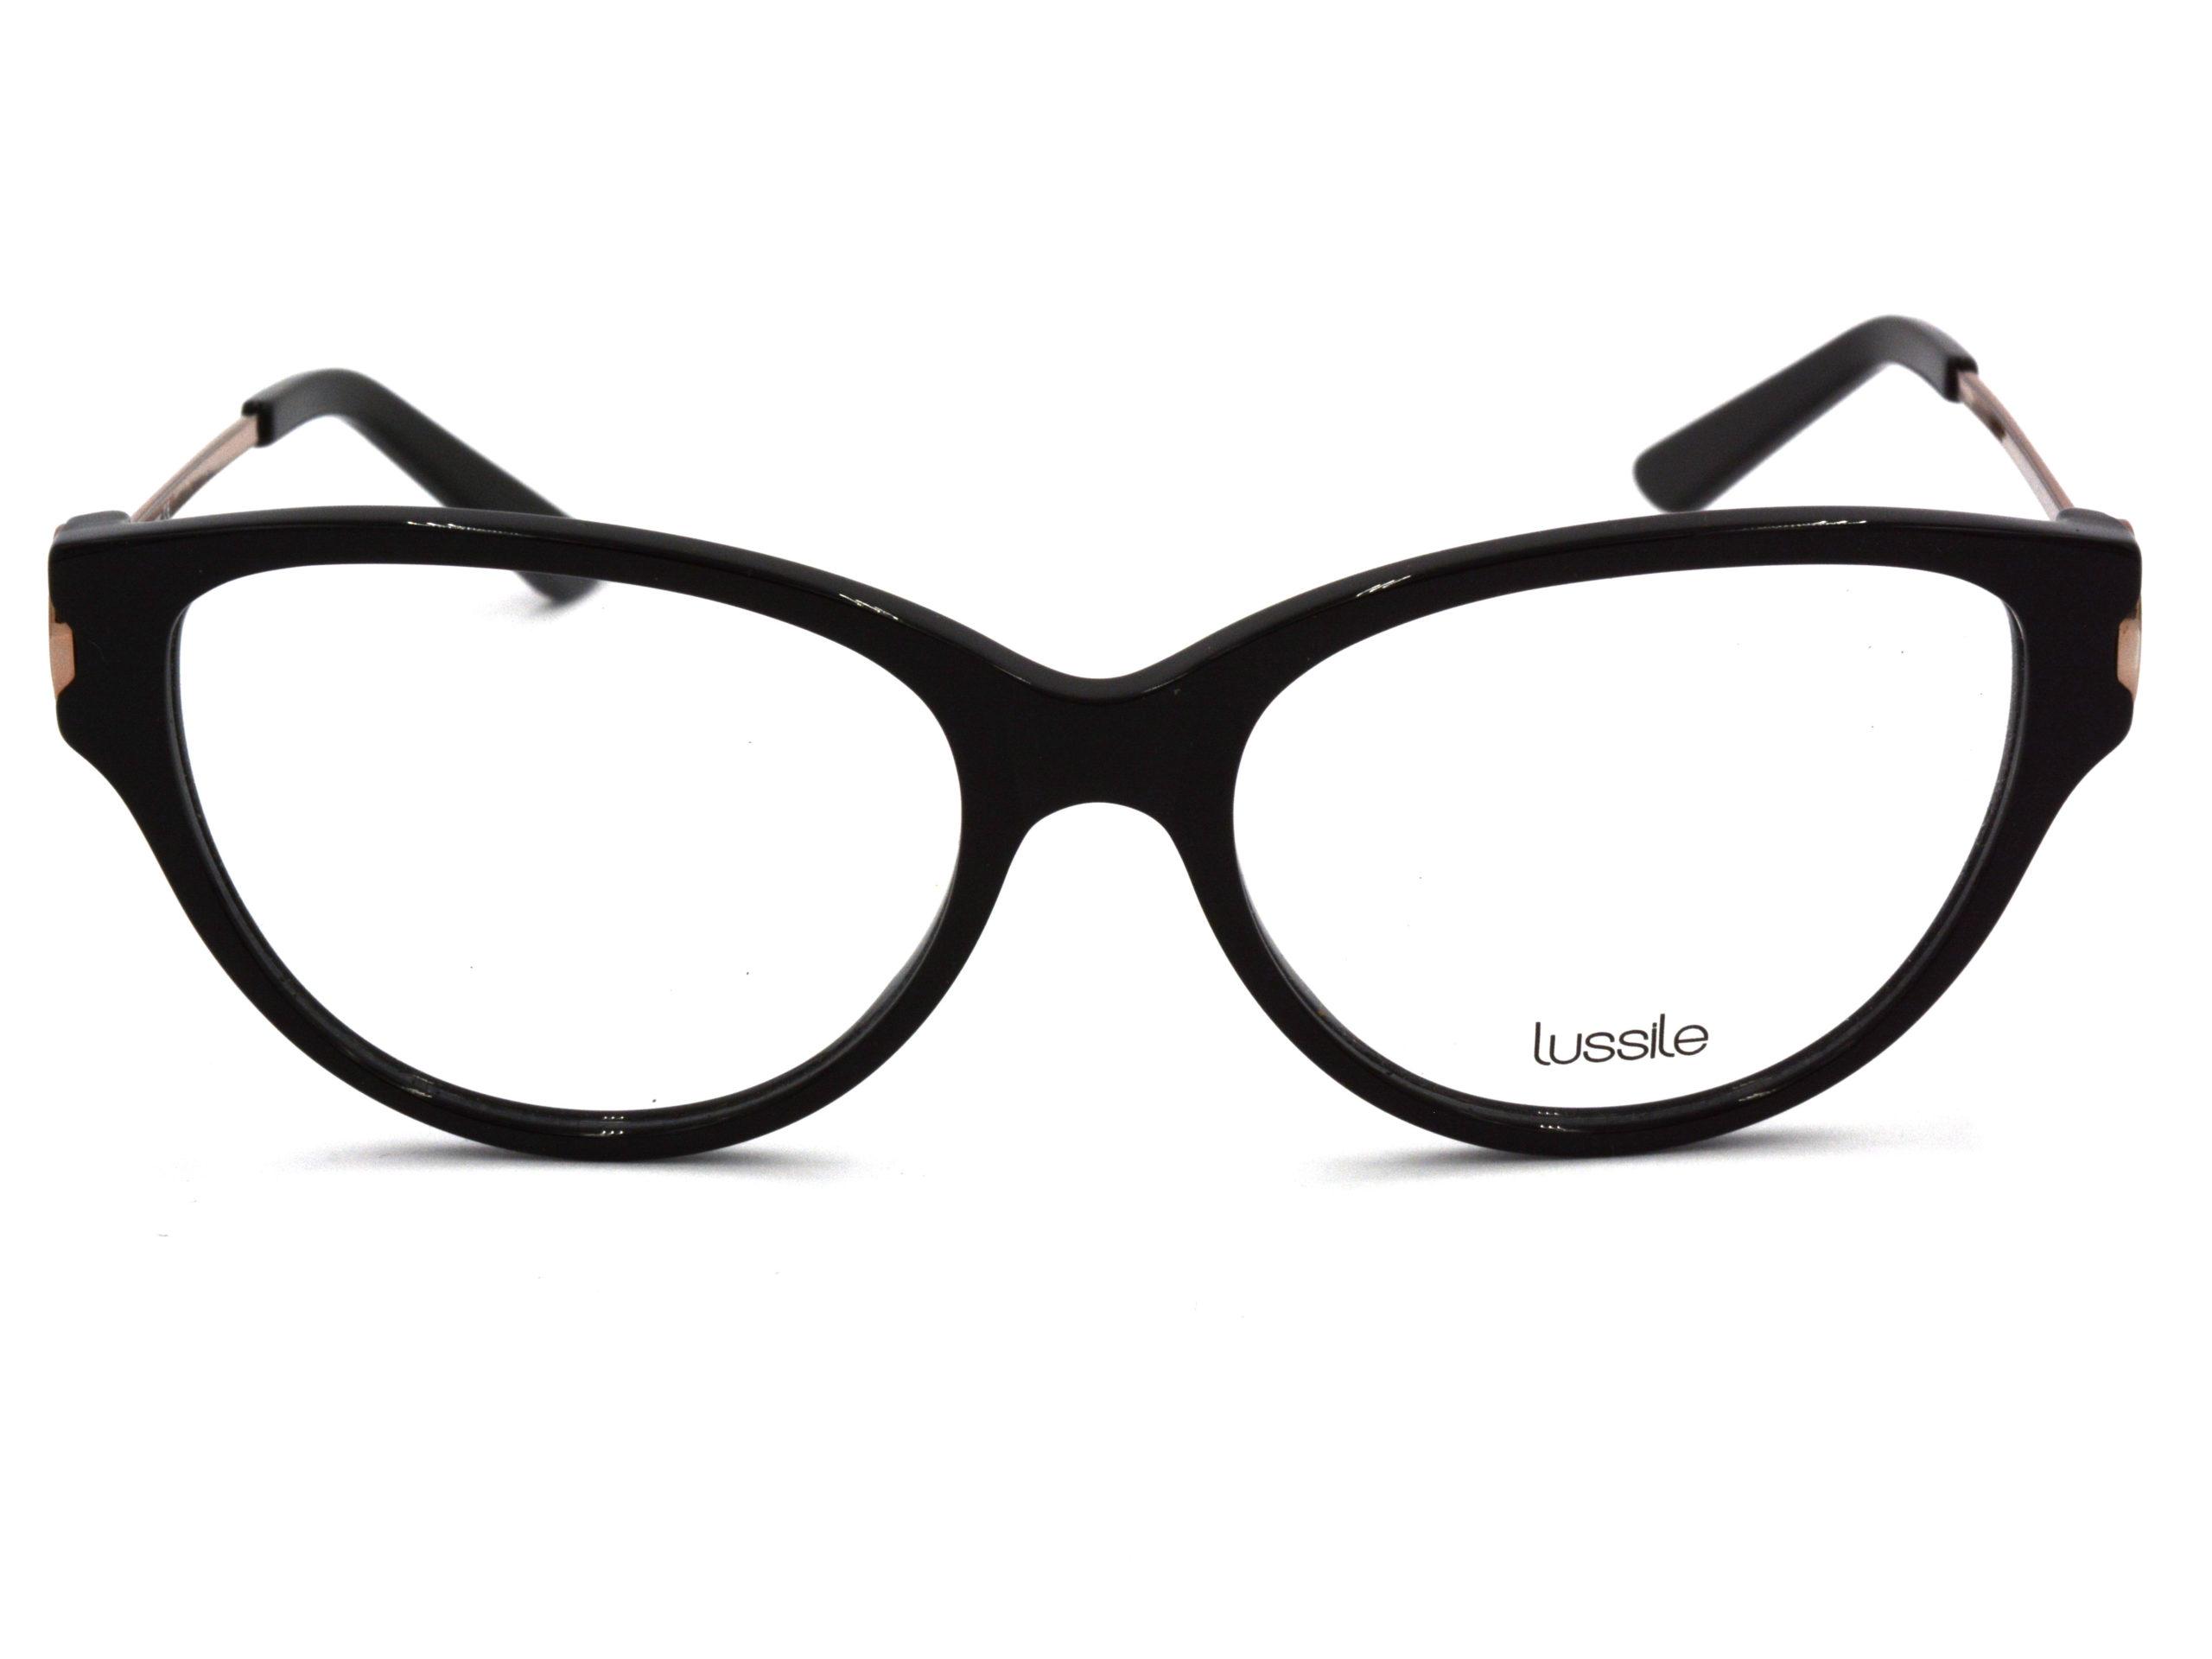 Γυαλιά οράσεως LUSSILE LS32195 LN01 54-17-140 Πειραιάς